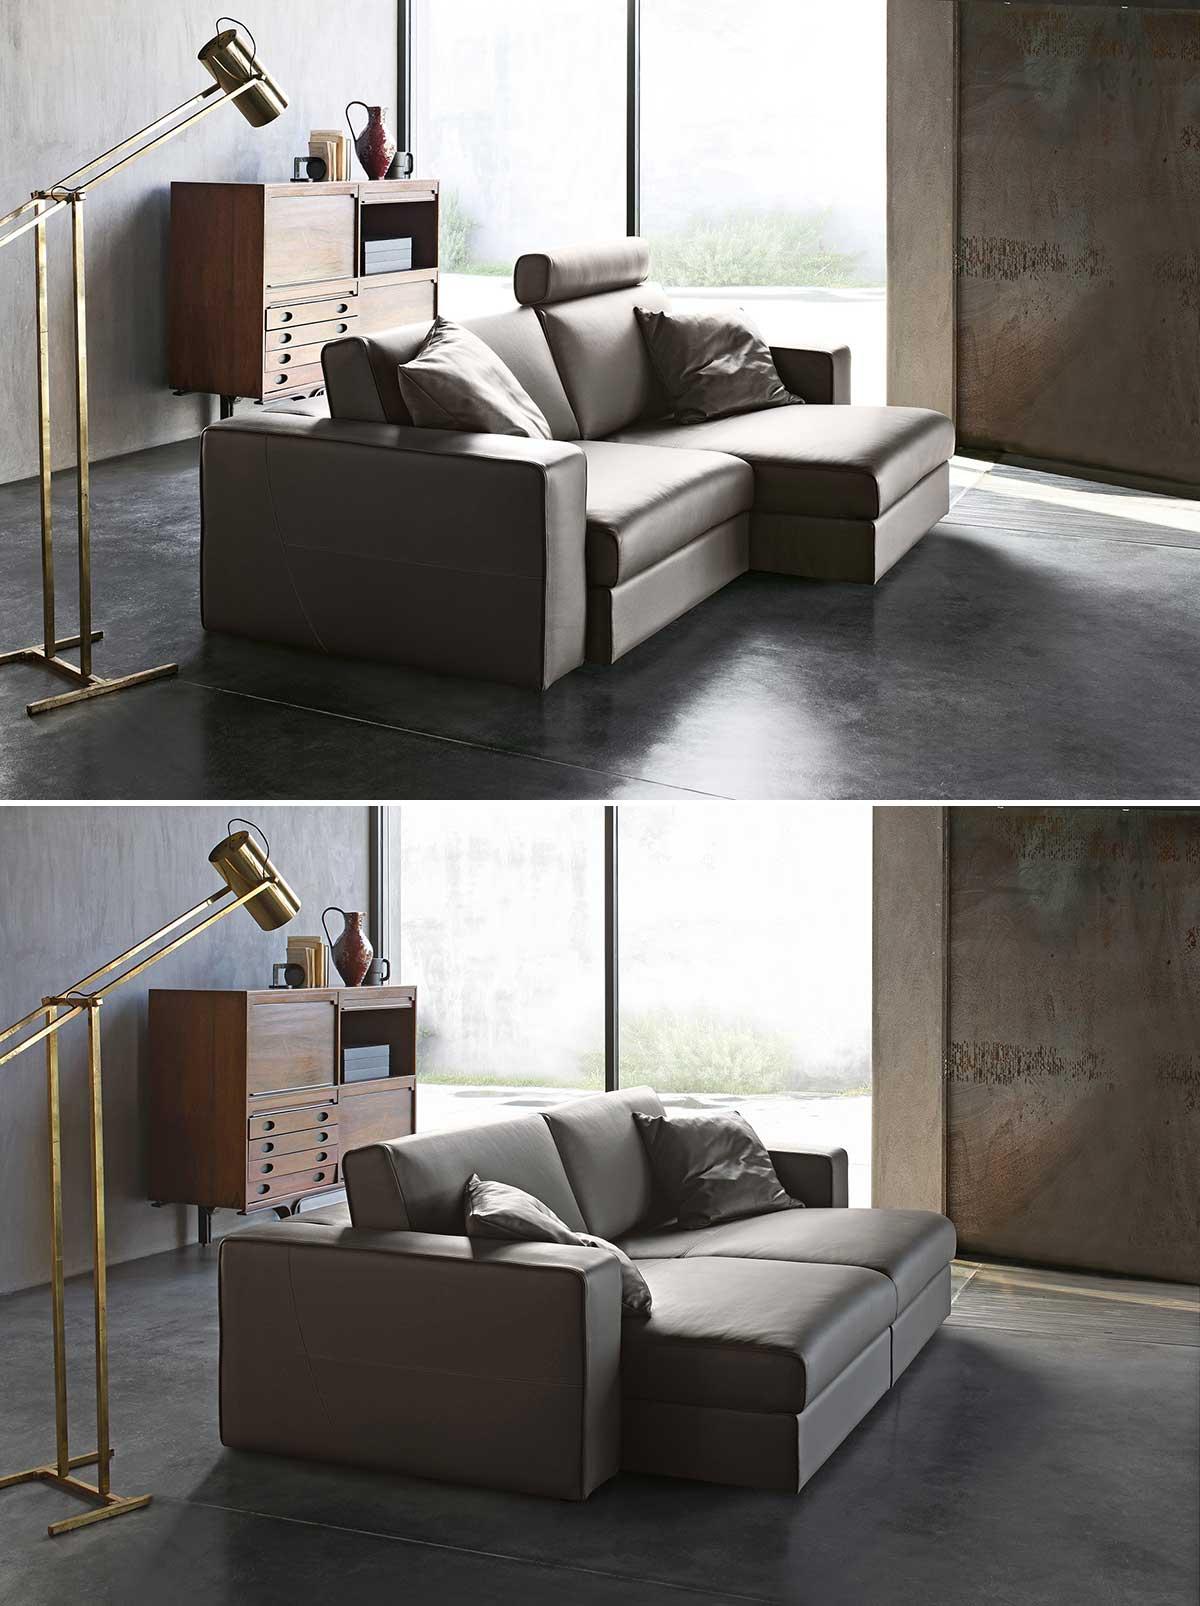 Divano con isola in pelle e sedili allungabili - Dimensione totale 246x115 cm - Attico.